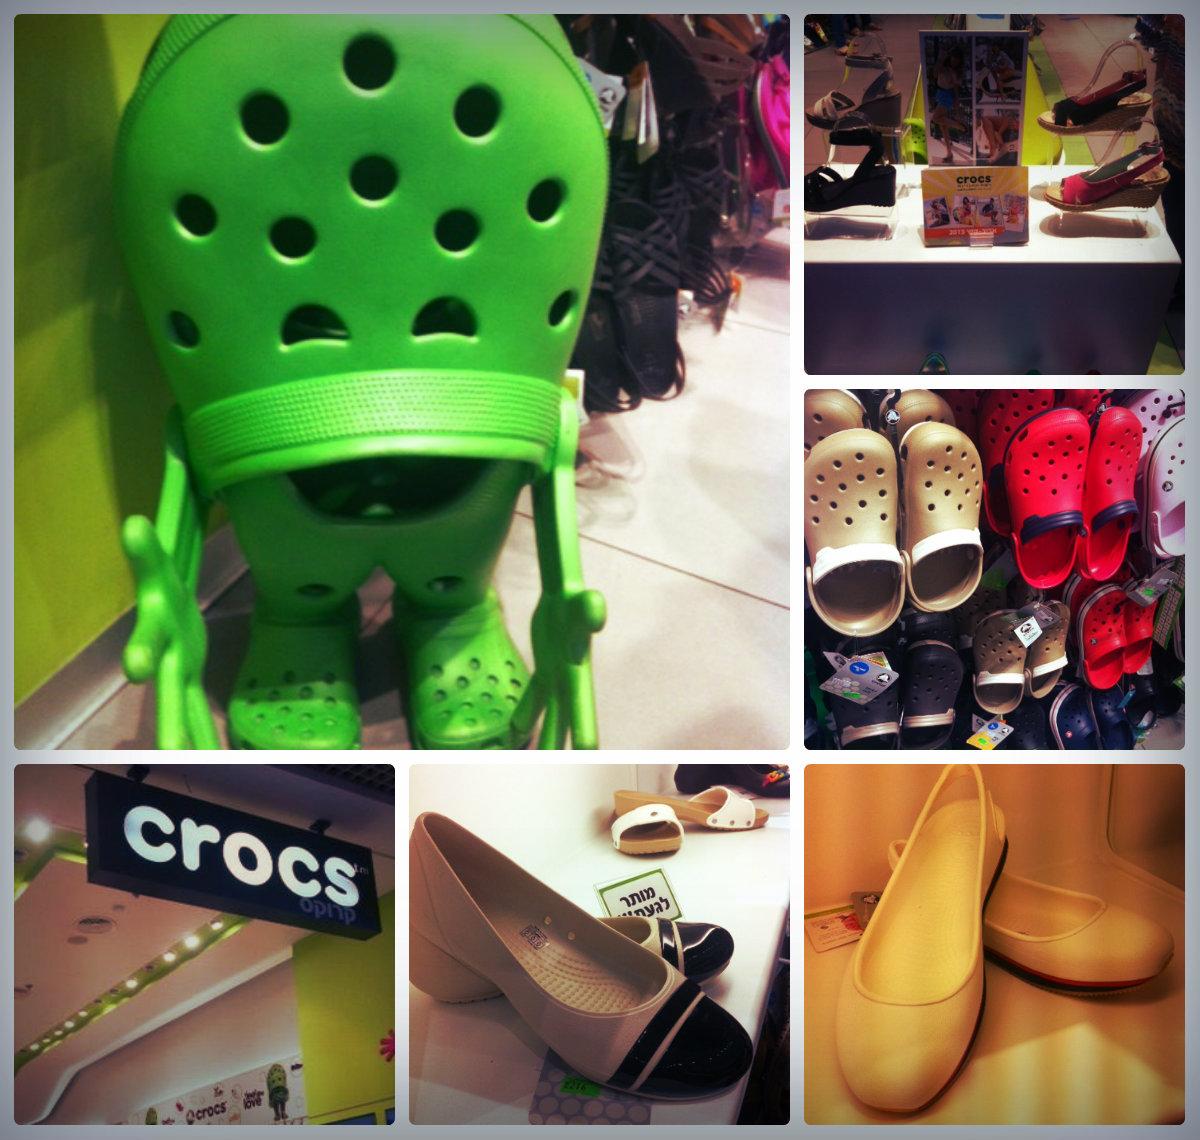 В Crocs – можно выглядеть гламурно